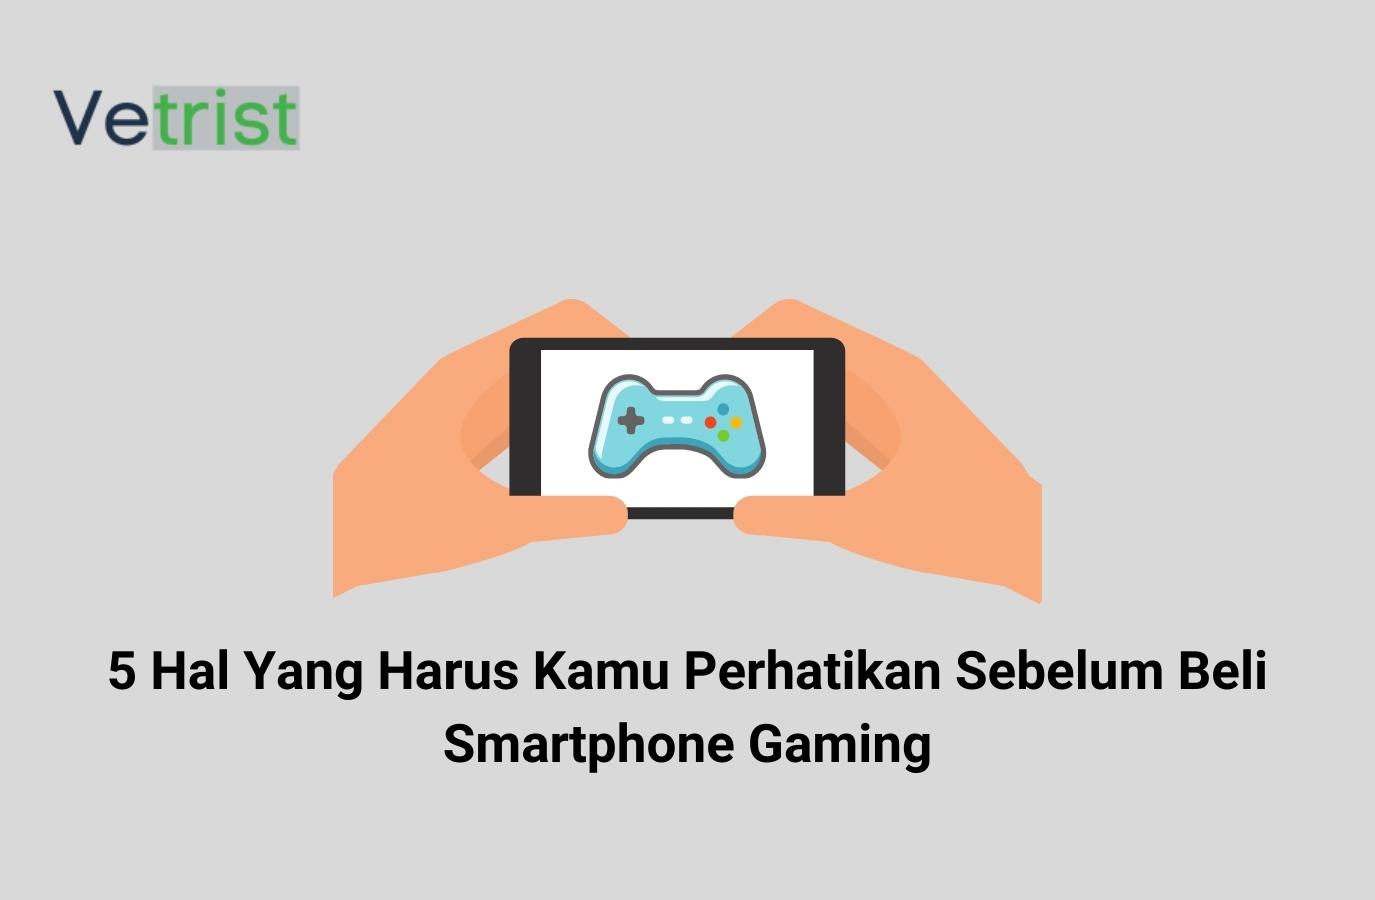 5 Hal Yang Harus Kamu Perhatikan Sebelum Beli Smartphone Gaming